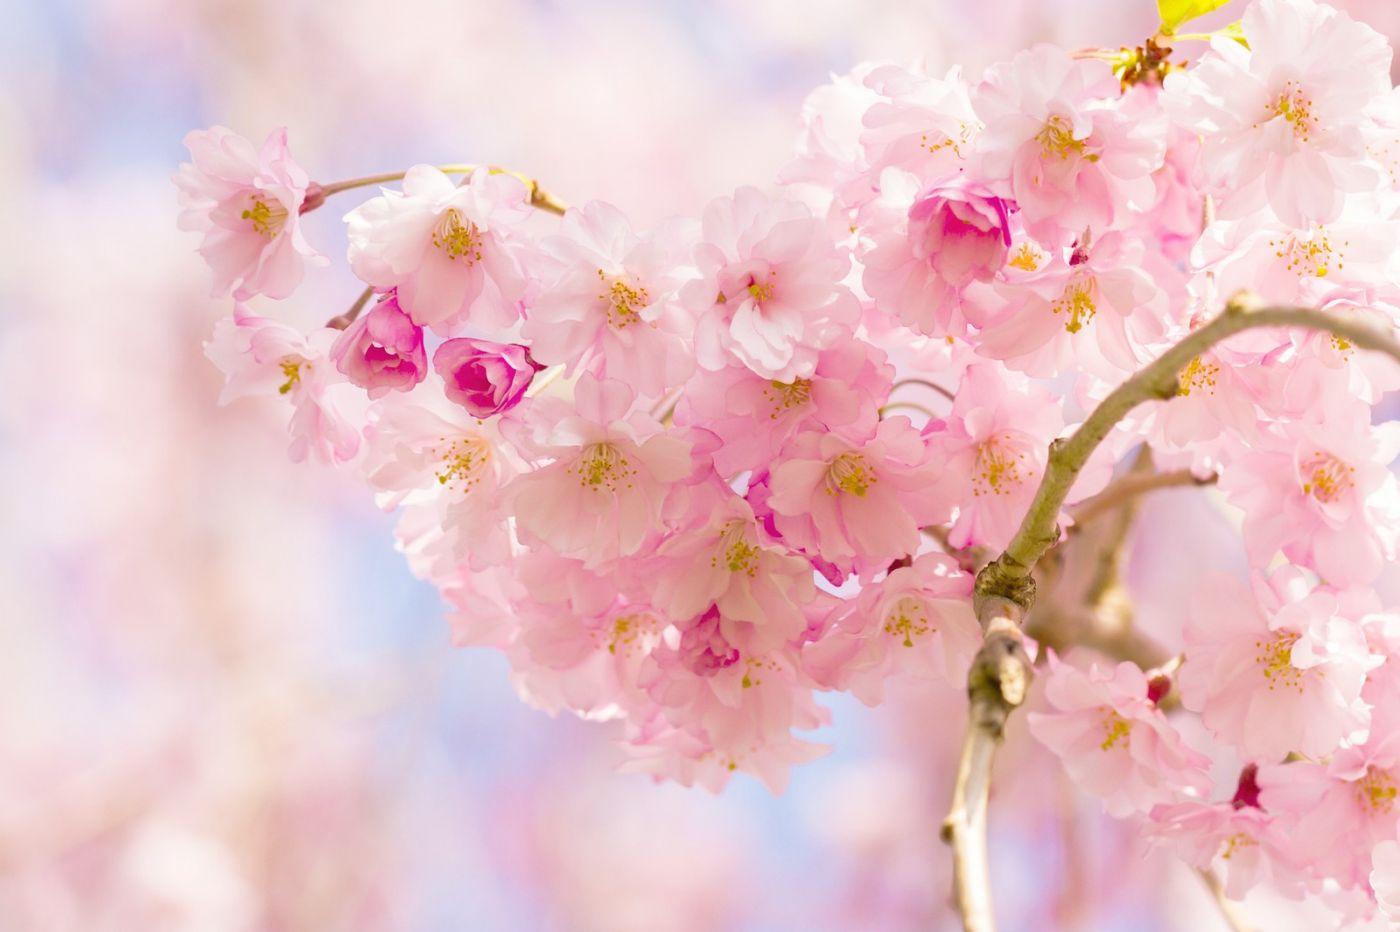 粉红的水嫩的,好看极了_图1-9